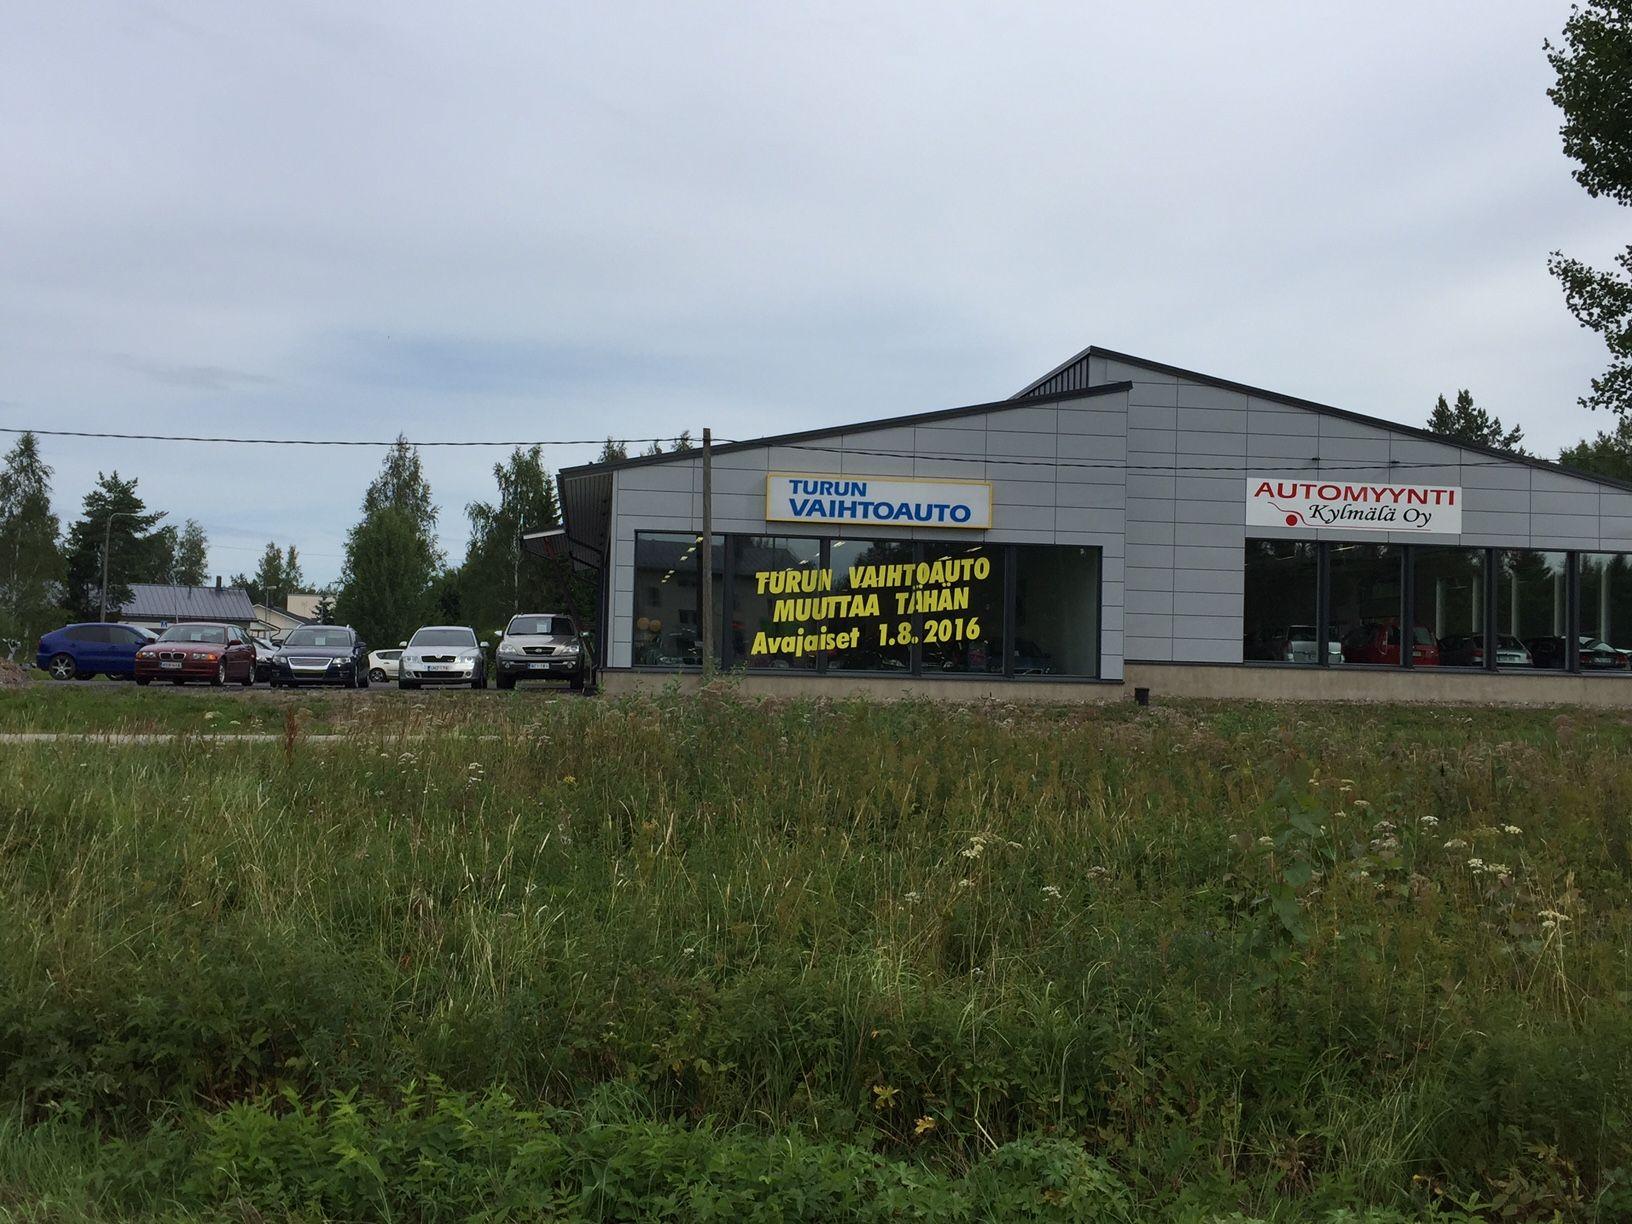 Turun Vaihtoauto Oy uudet tilat  Sorrontie 4  20780 Kaarina